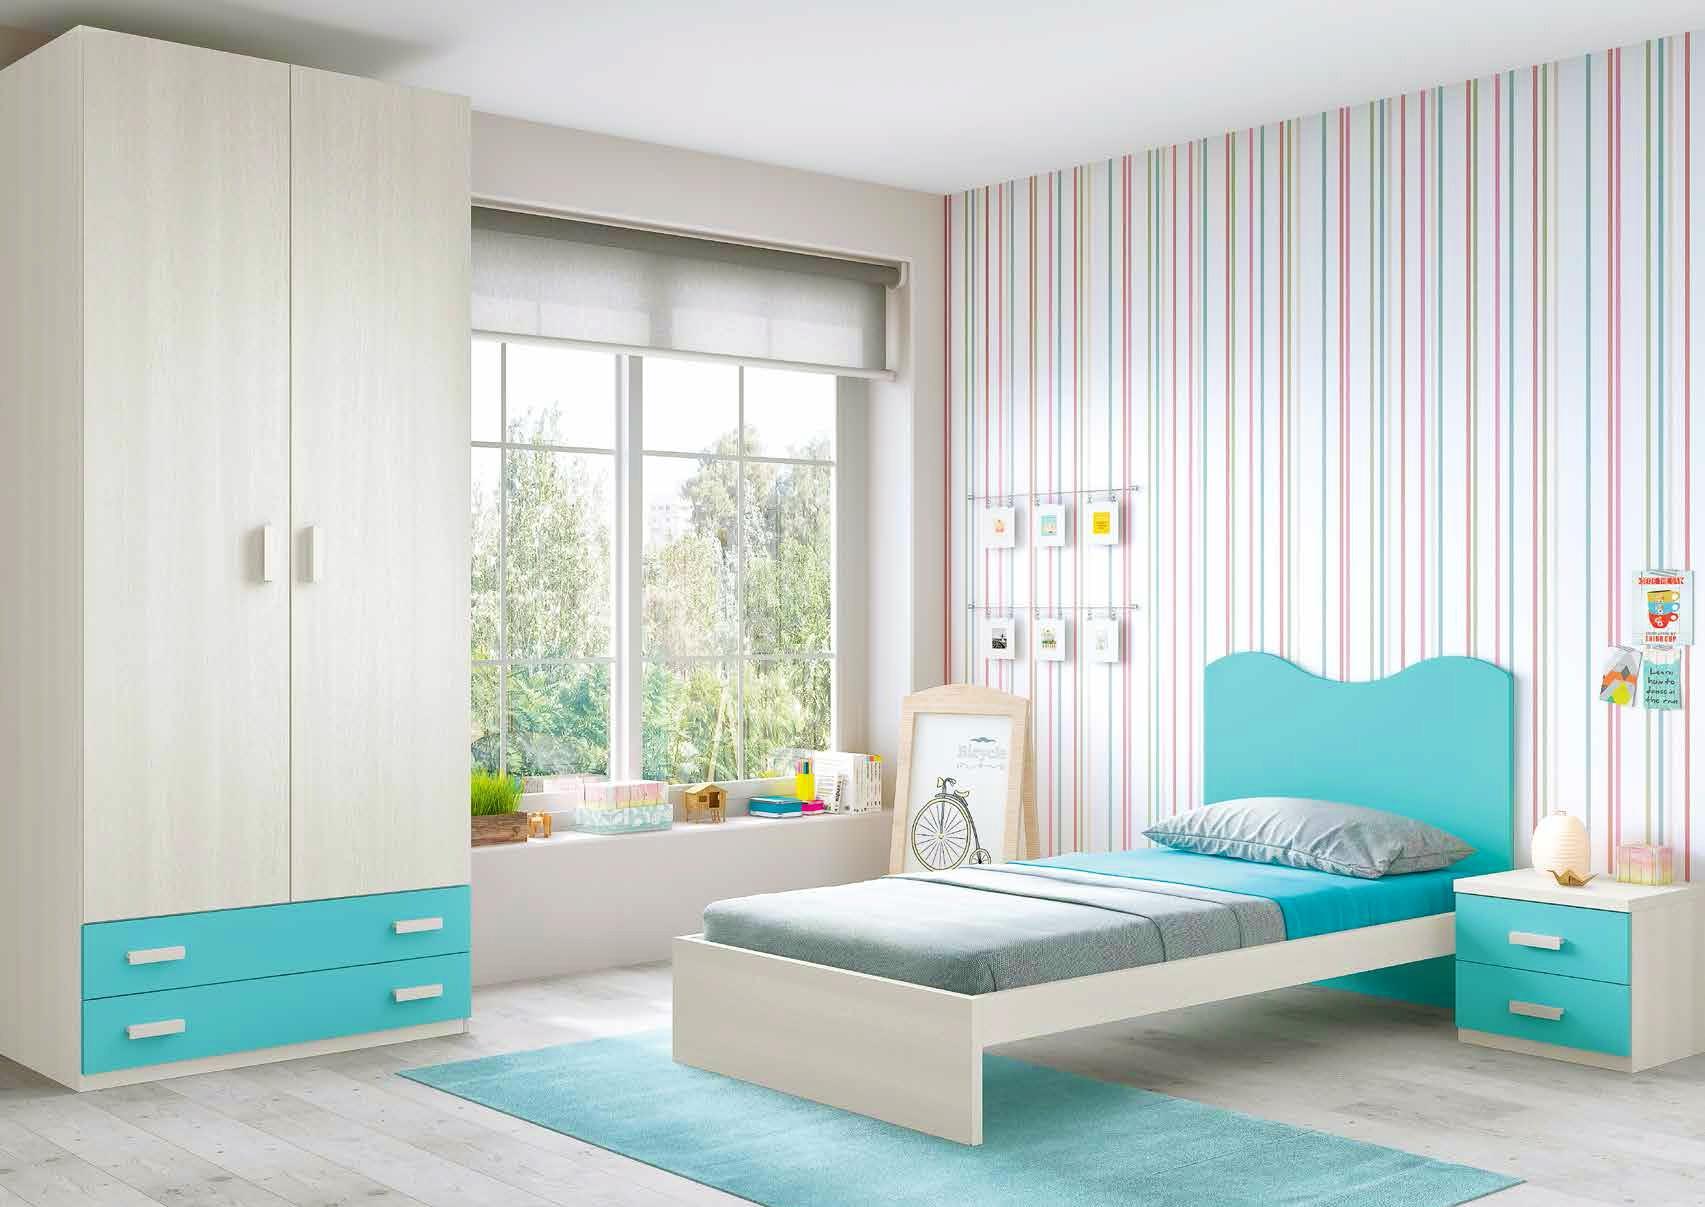 Chambre enfant composition L302 avec lit 1 personne - GLICERIO